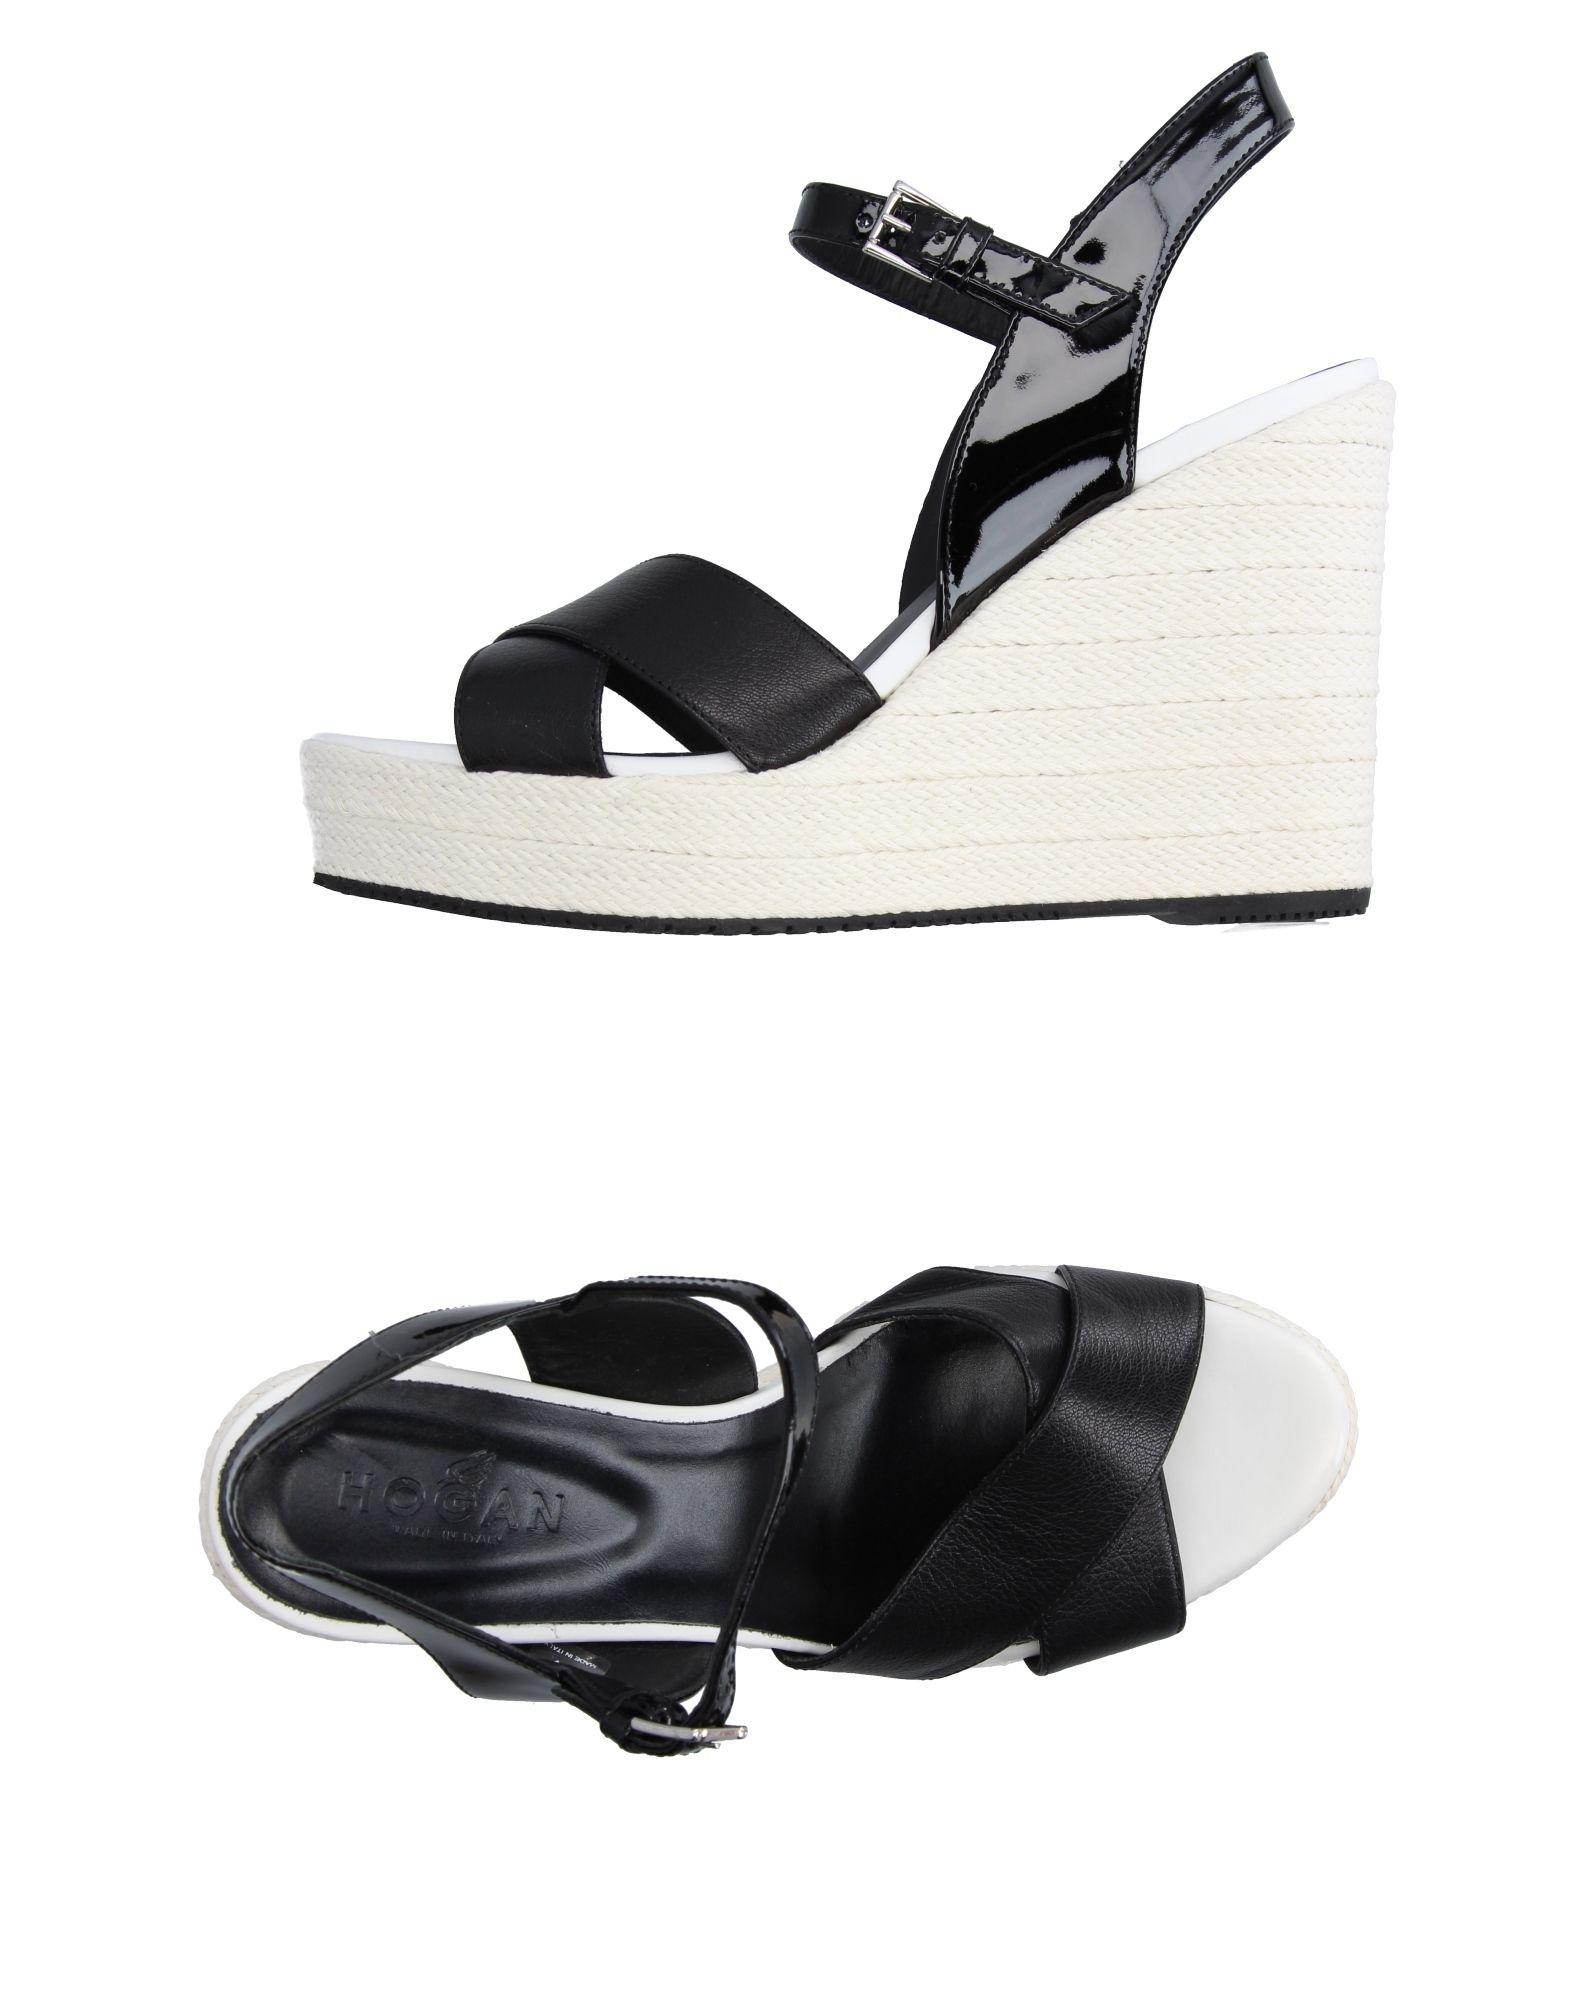 Hogan Sandalen Damen  11211440FE Gute Qualität beliebte Schuhe